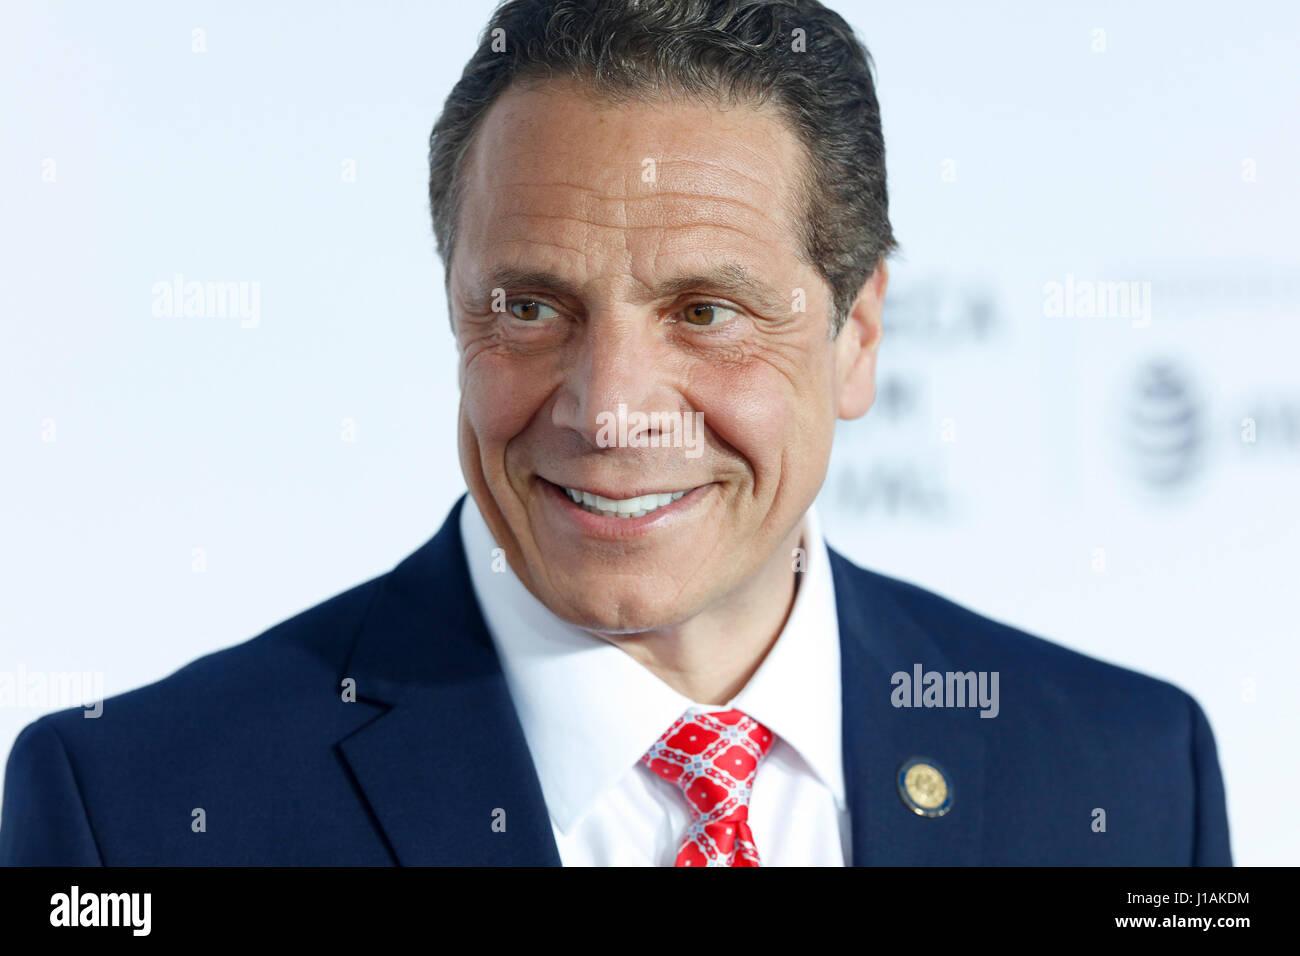 New York, USA. 19 avril, 2017. Gouverneur de New York, Andrew Cuomo arrive au Tribeca Film Festival 2017 Soirée Photo Stock